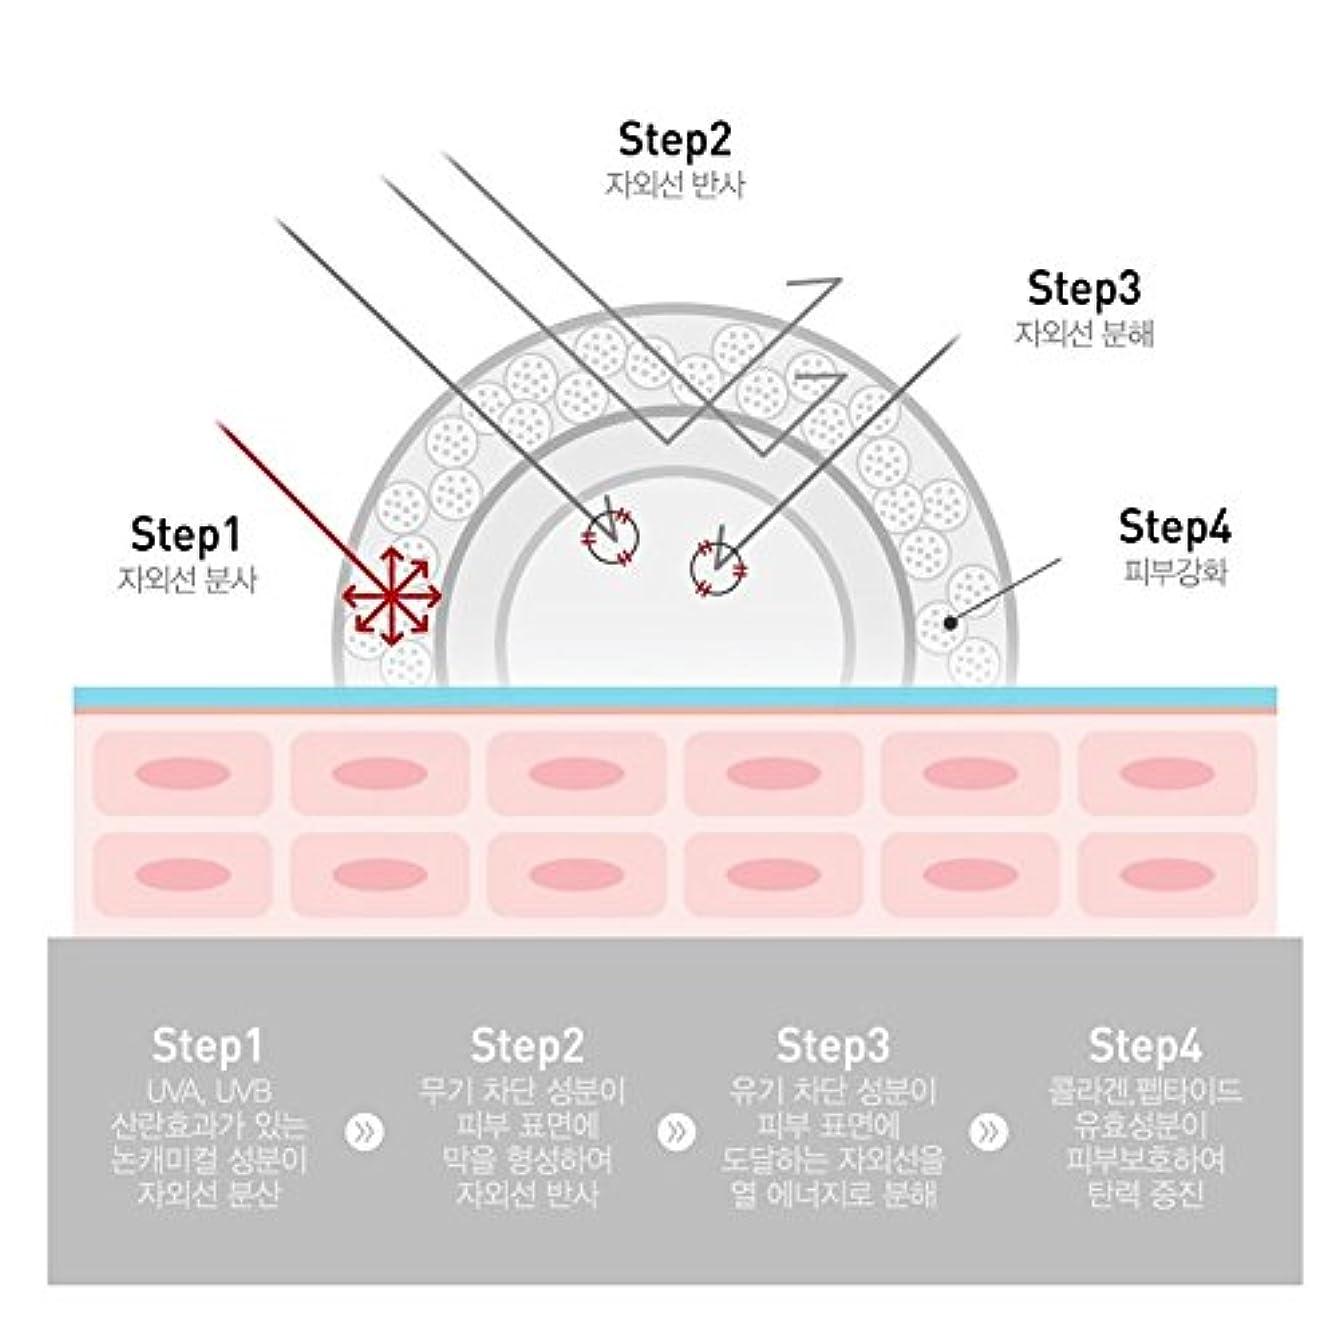 アナニバー役割粘性のセルピュチョンCレーザーサンスクリーン100(SPF50+/PA+++)50ml、Cell Fusion C Laser Sunscreen 100 (SPF50+ / PA+++) 50ml [並行輸入品]